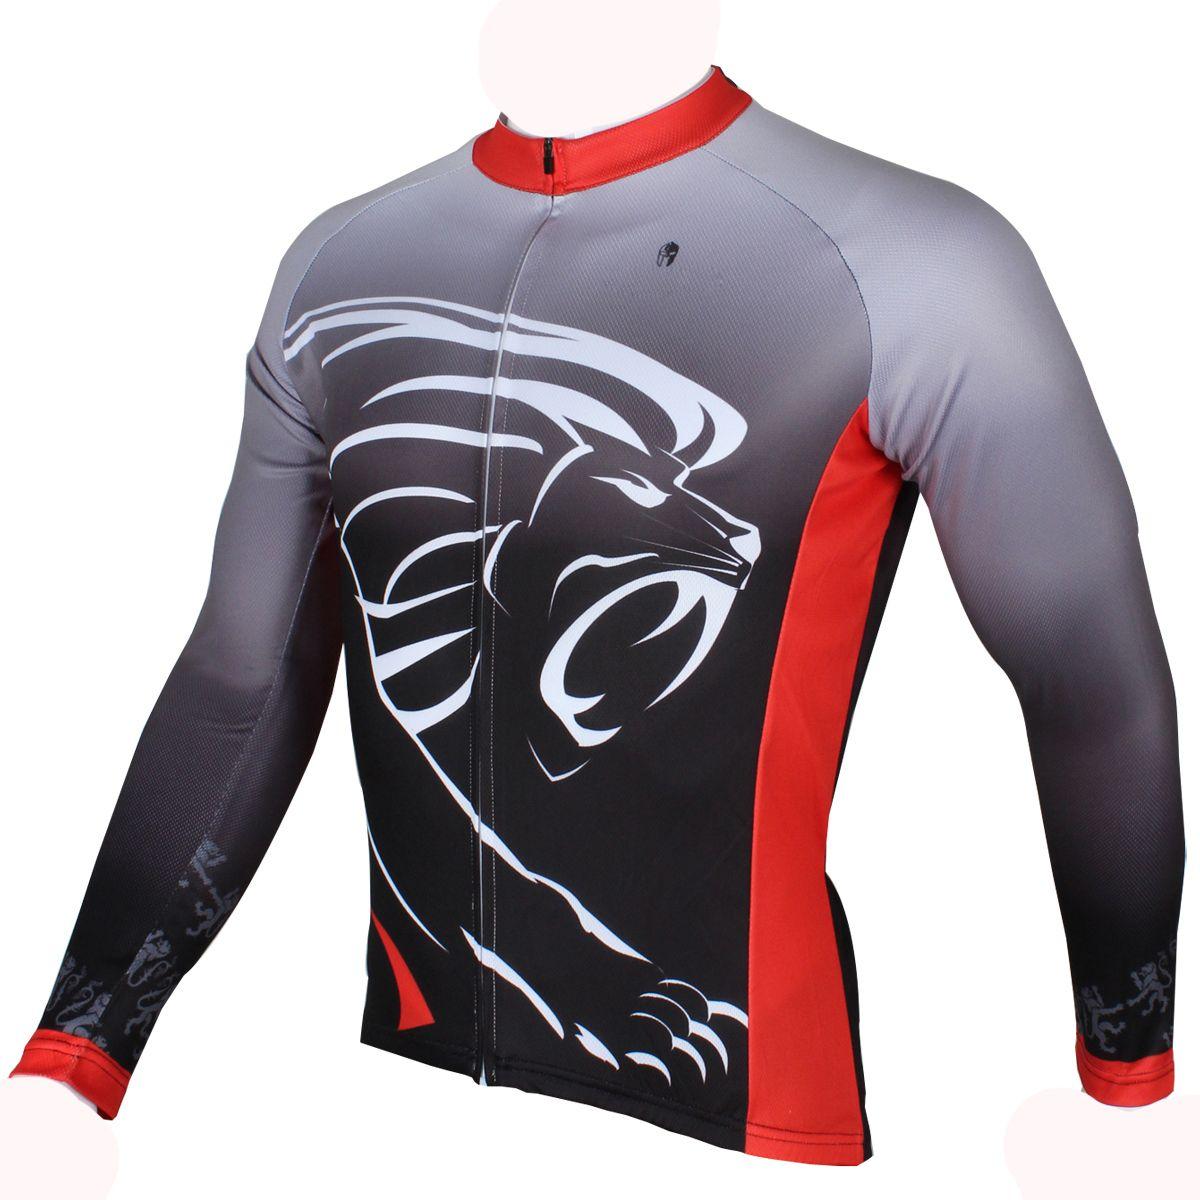 ... cycling jerseys bd1887dcb